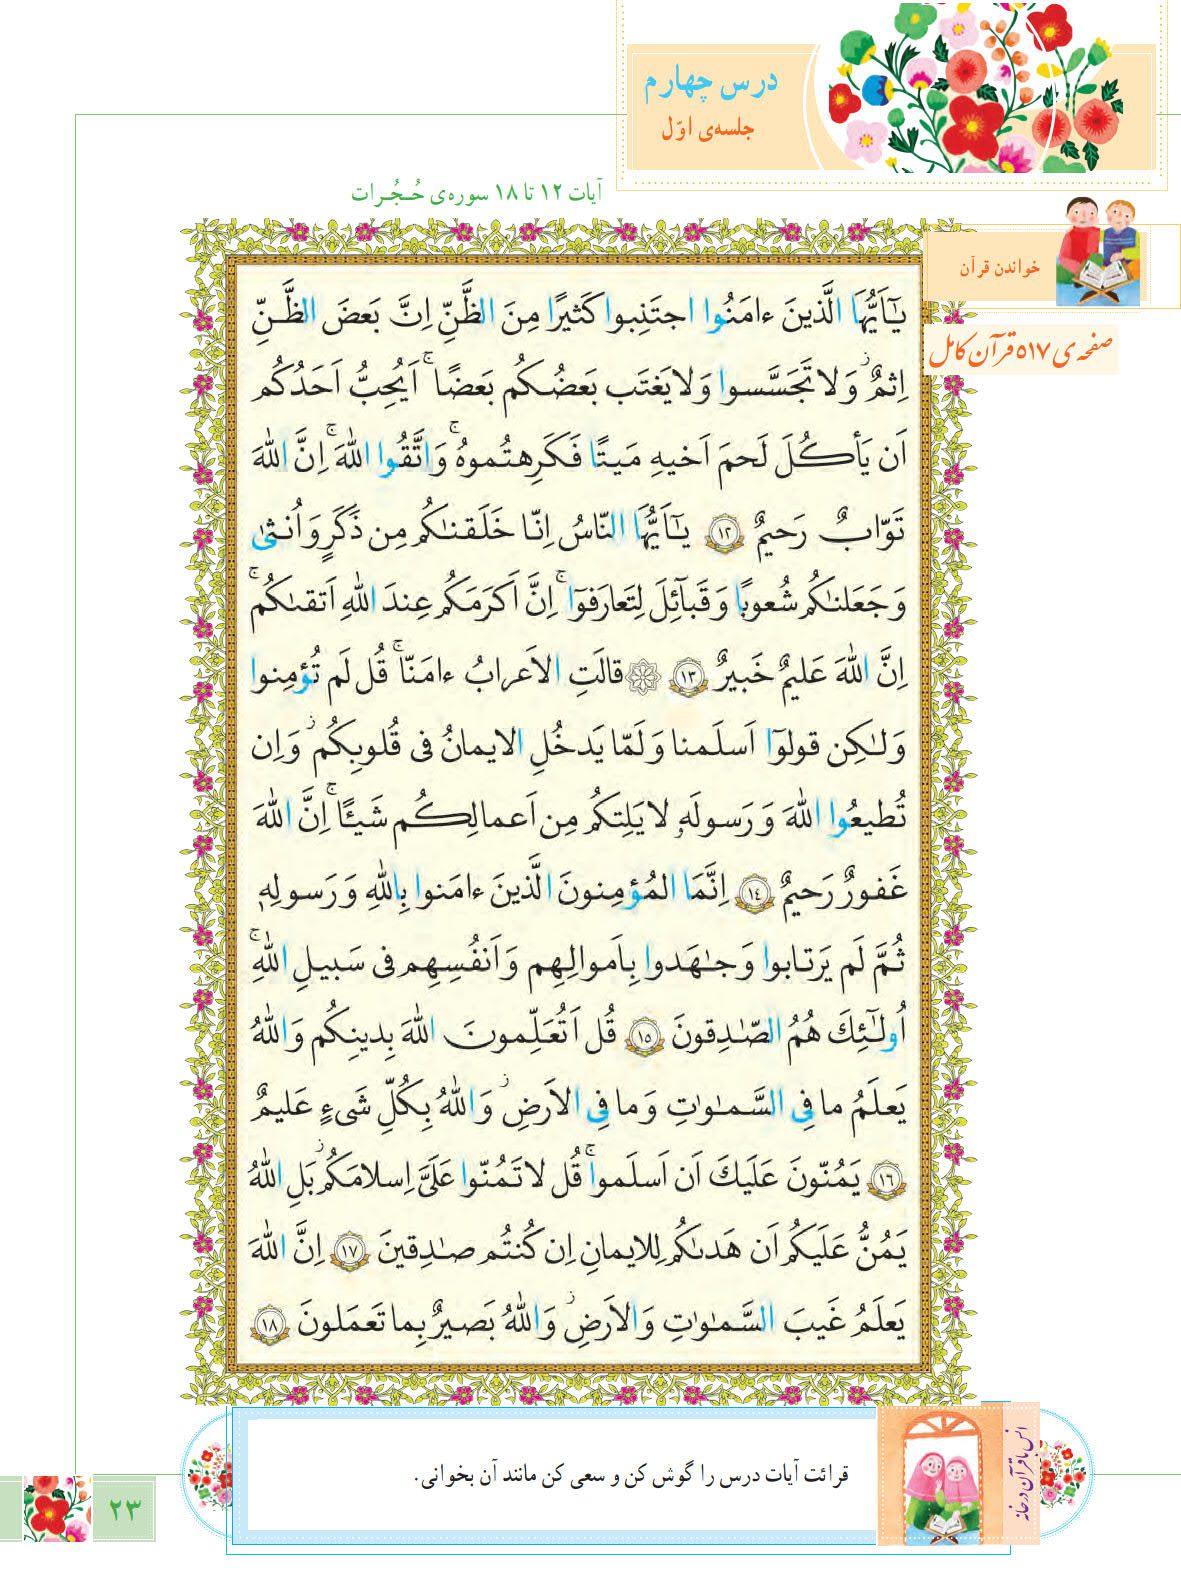 درس چهارم آموزش قرآن پایه ششم ابتدایی - کلاس اینترنتی ما - مومکا - صفحه 23 - momeka.ir (1)